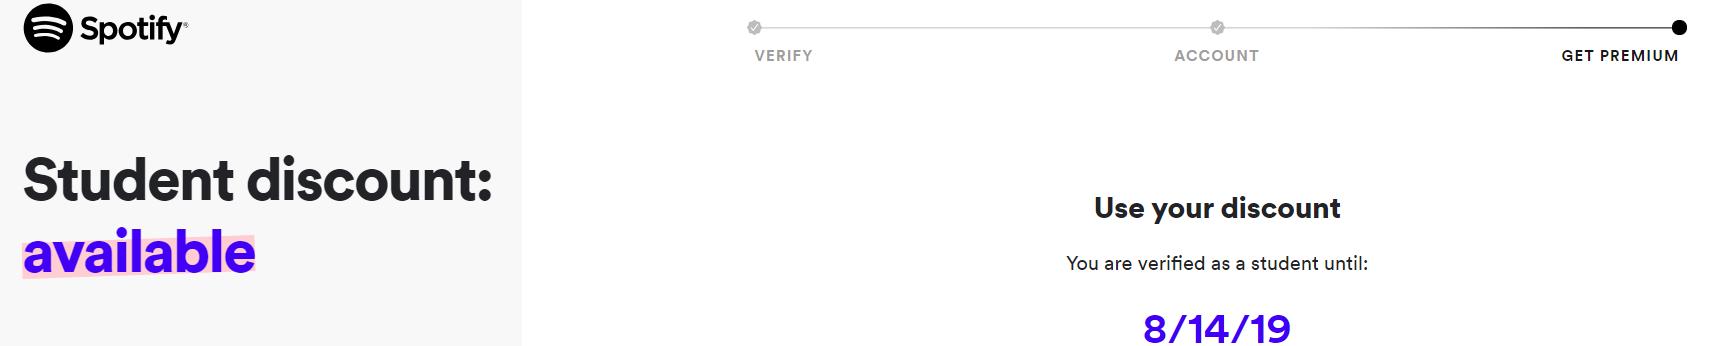 spotify student verify